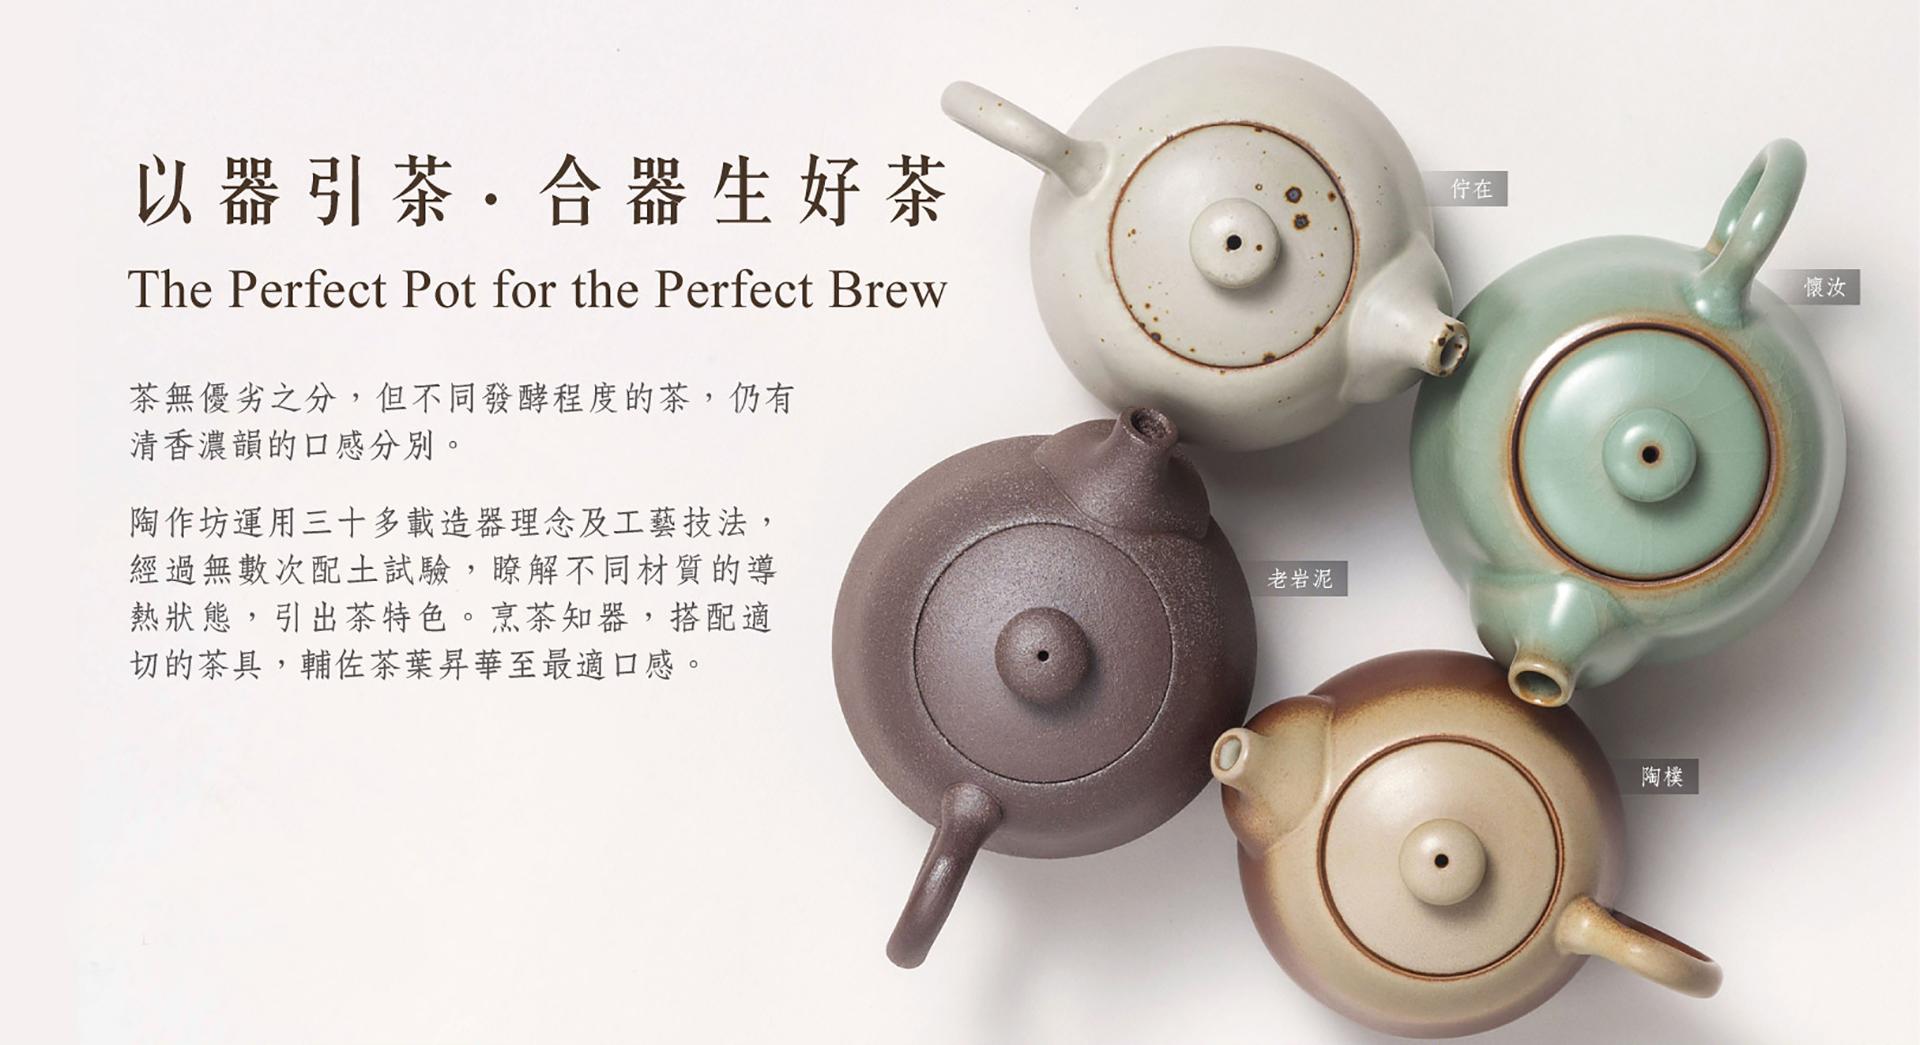 內科發展協會-以器引茶